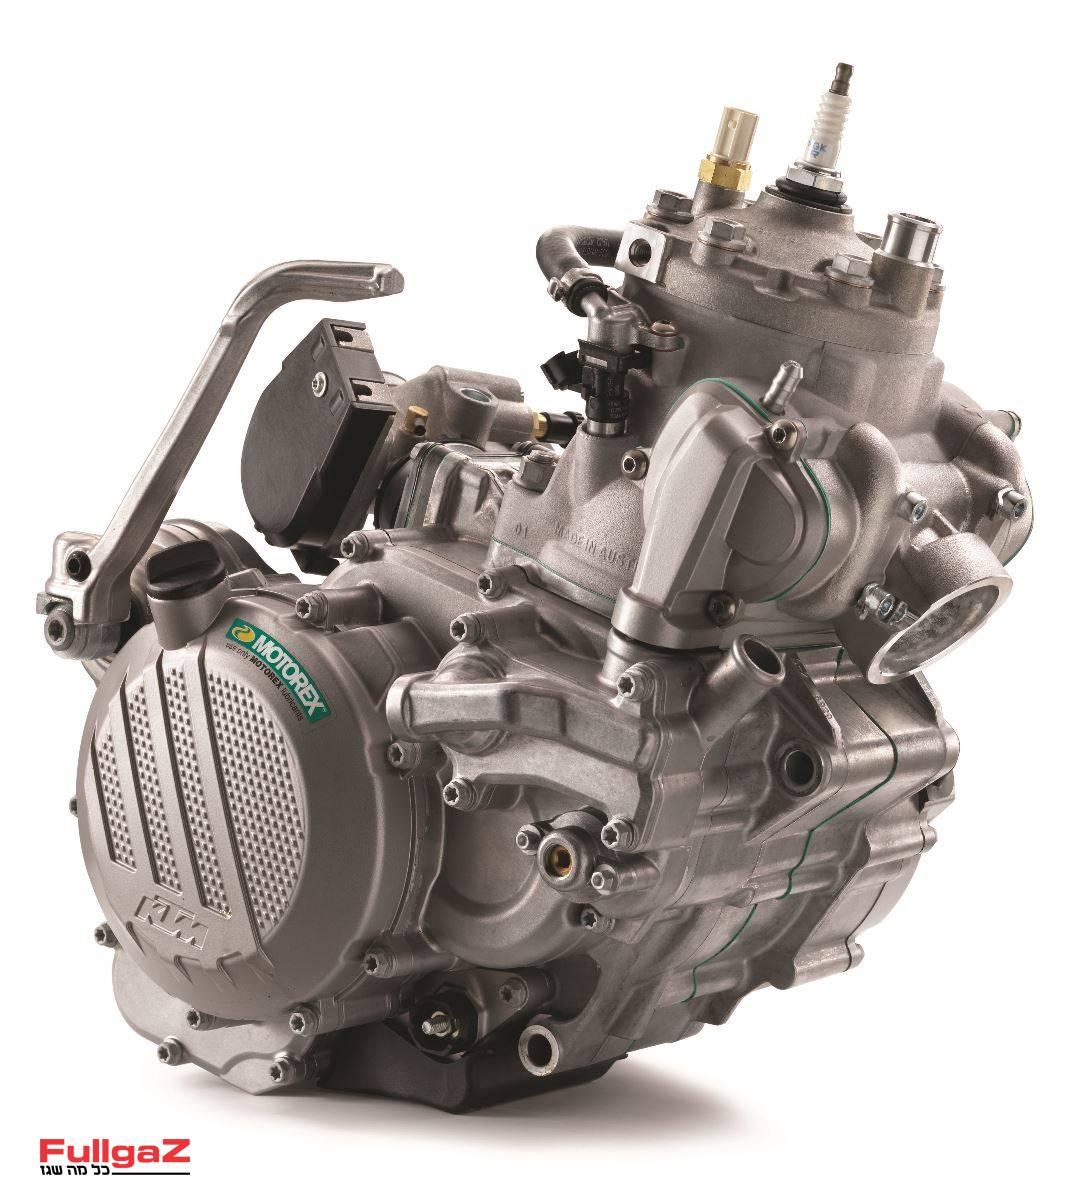 מנוע ה-250/300 החדש עם מערכת הזרקת הדלק של מיקוני